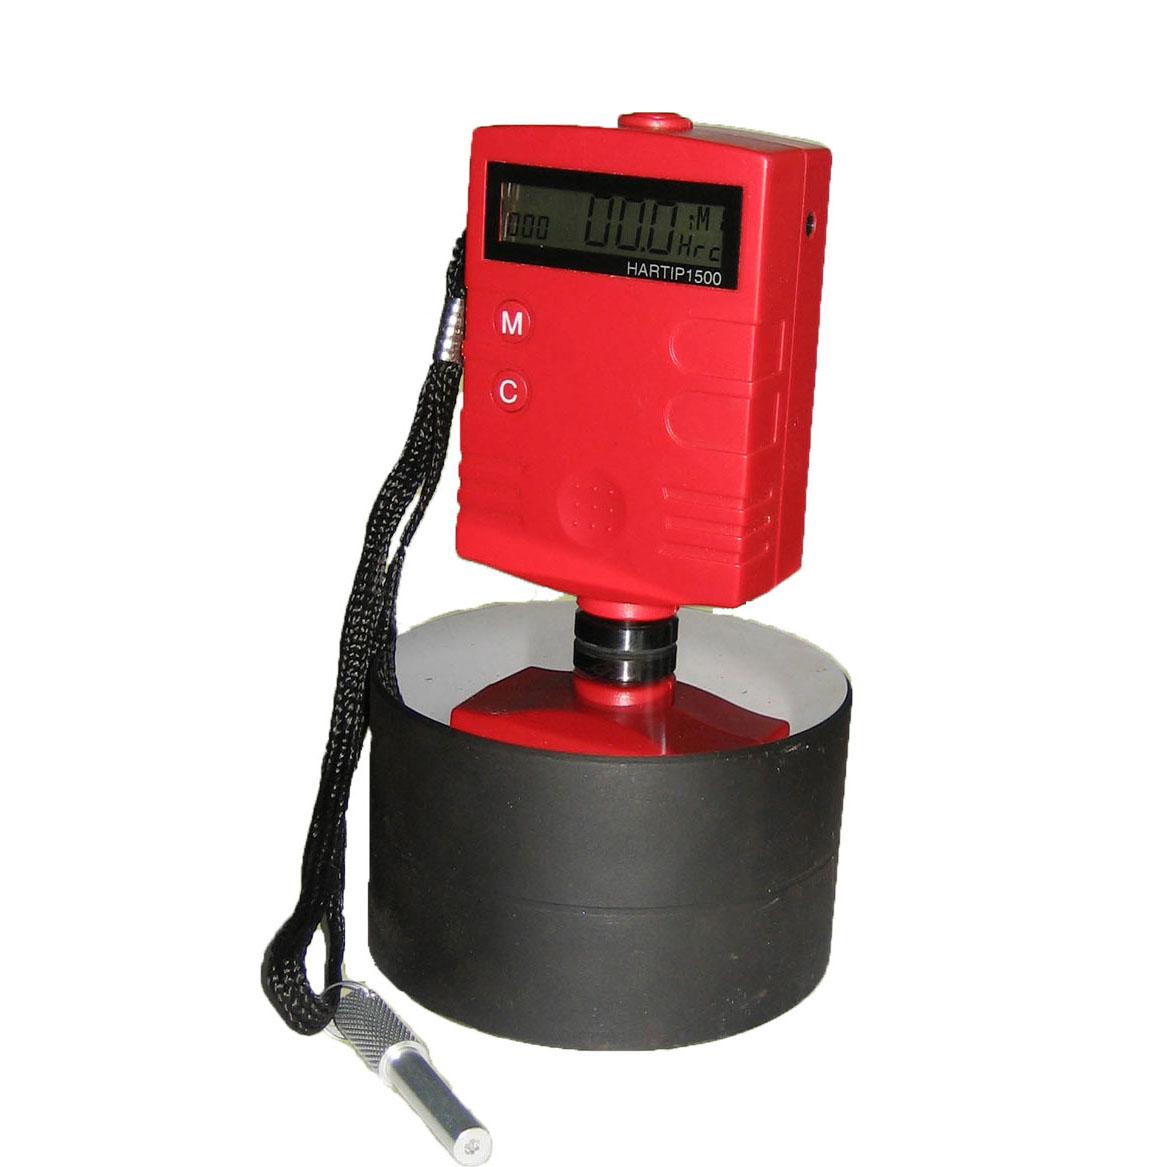 硬度计/一体化设计硬度计/钢、铸钢硬度计/珠海硬度计